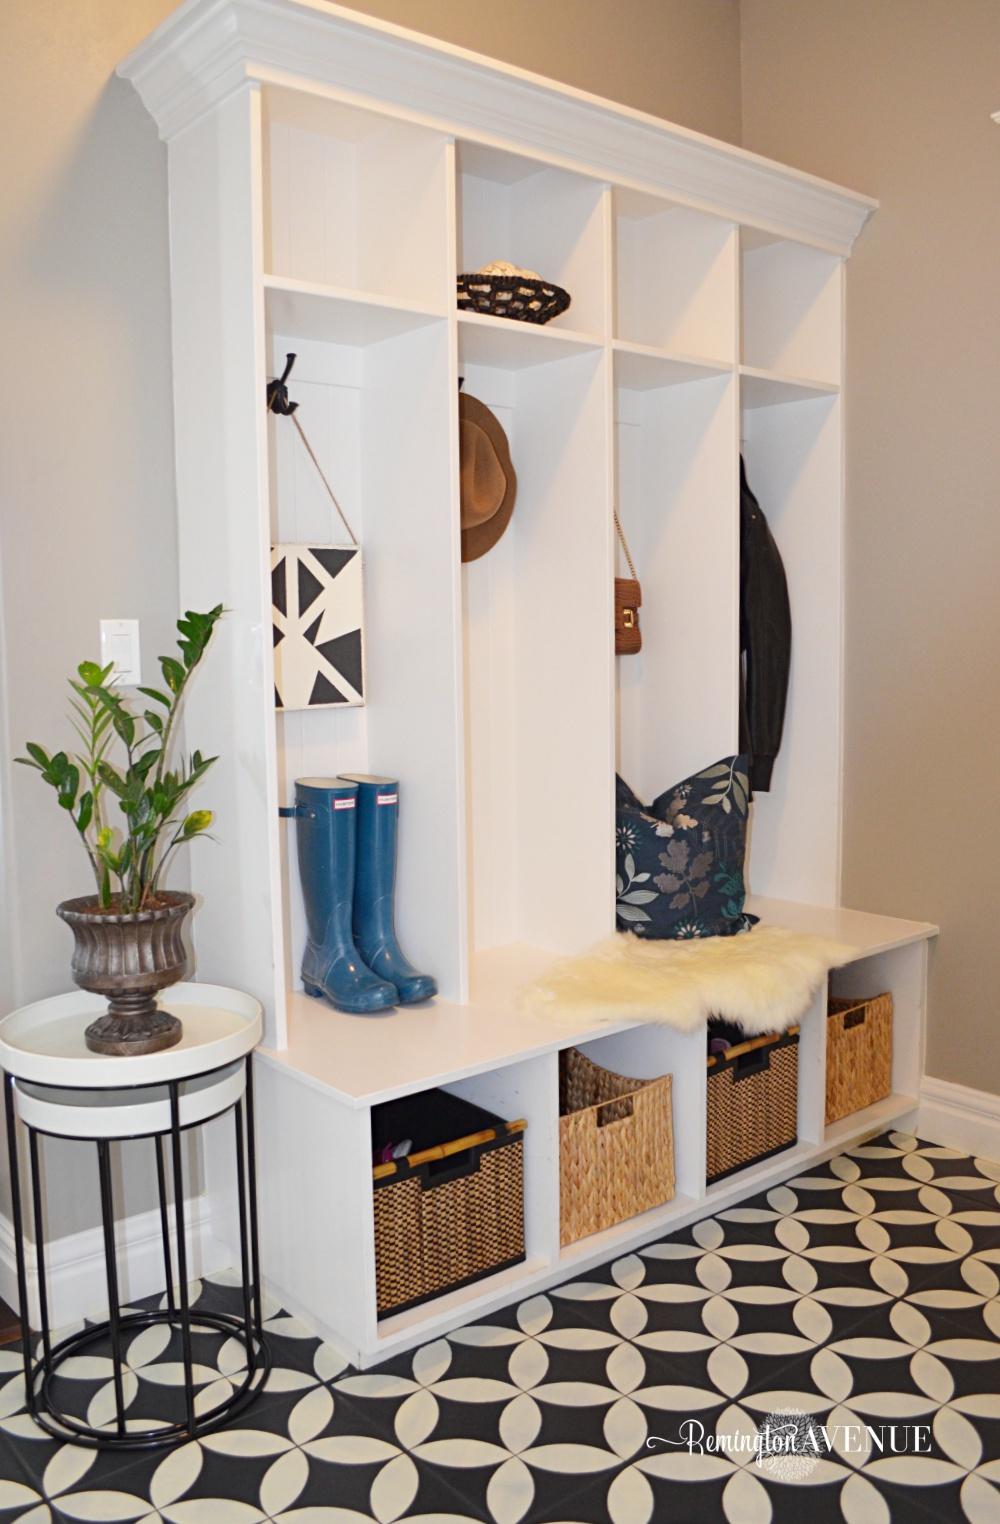 organized black and white mudroom design - Remington Avenue